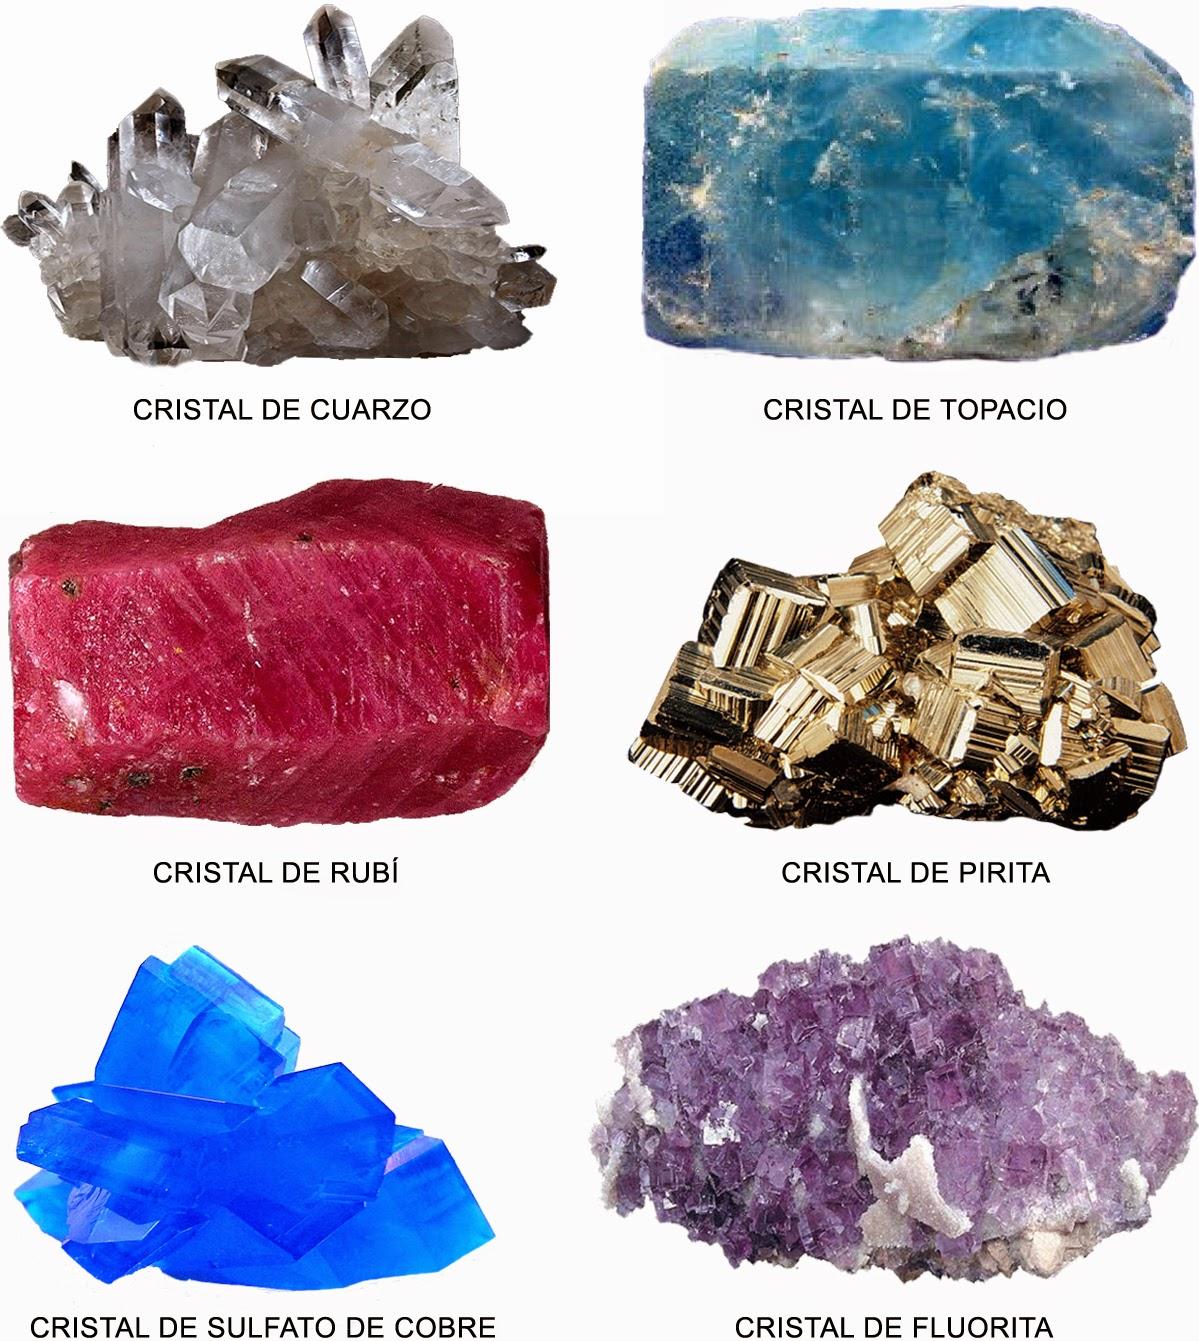 Curioseando diferencias entre vidrio y cristal - Cristales climalit tipos ...